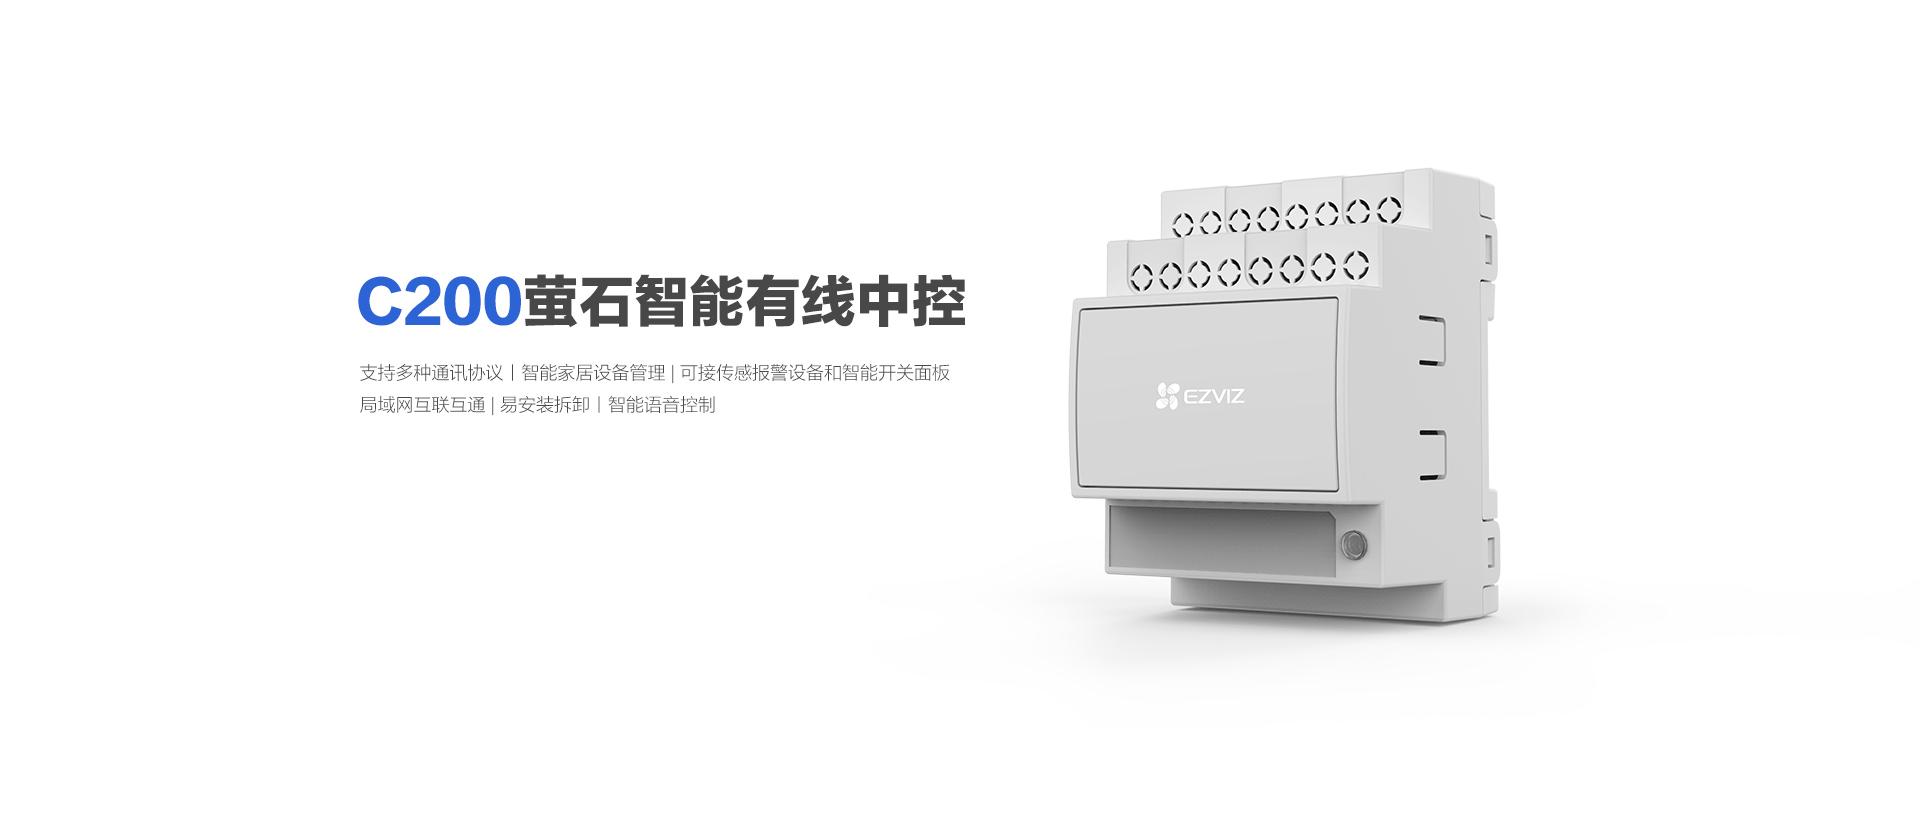 C200萤石智能有线中控